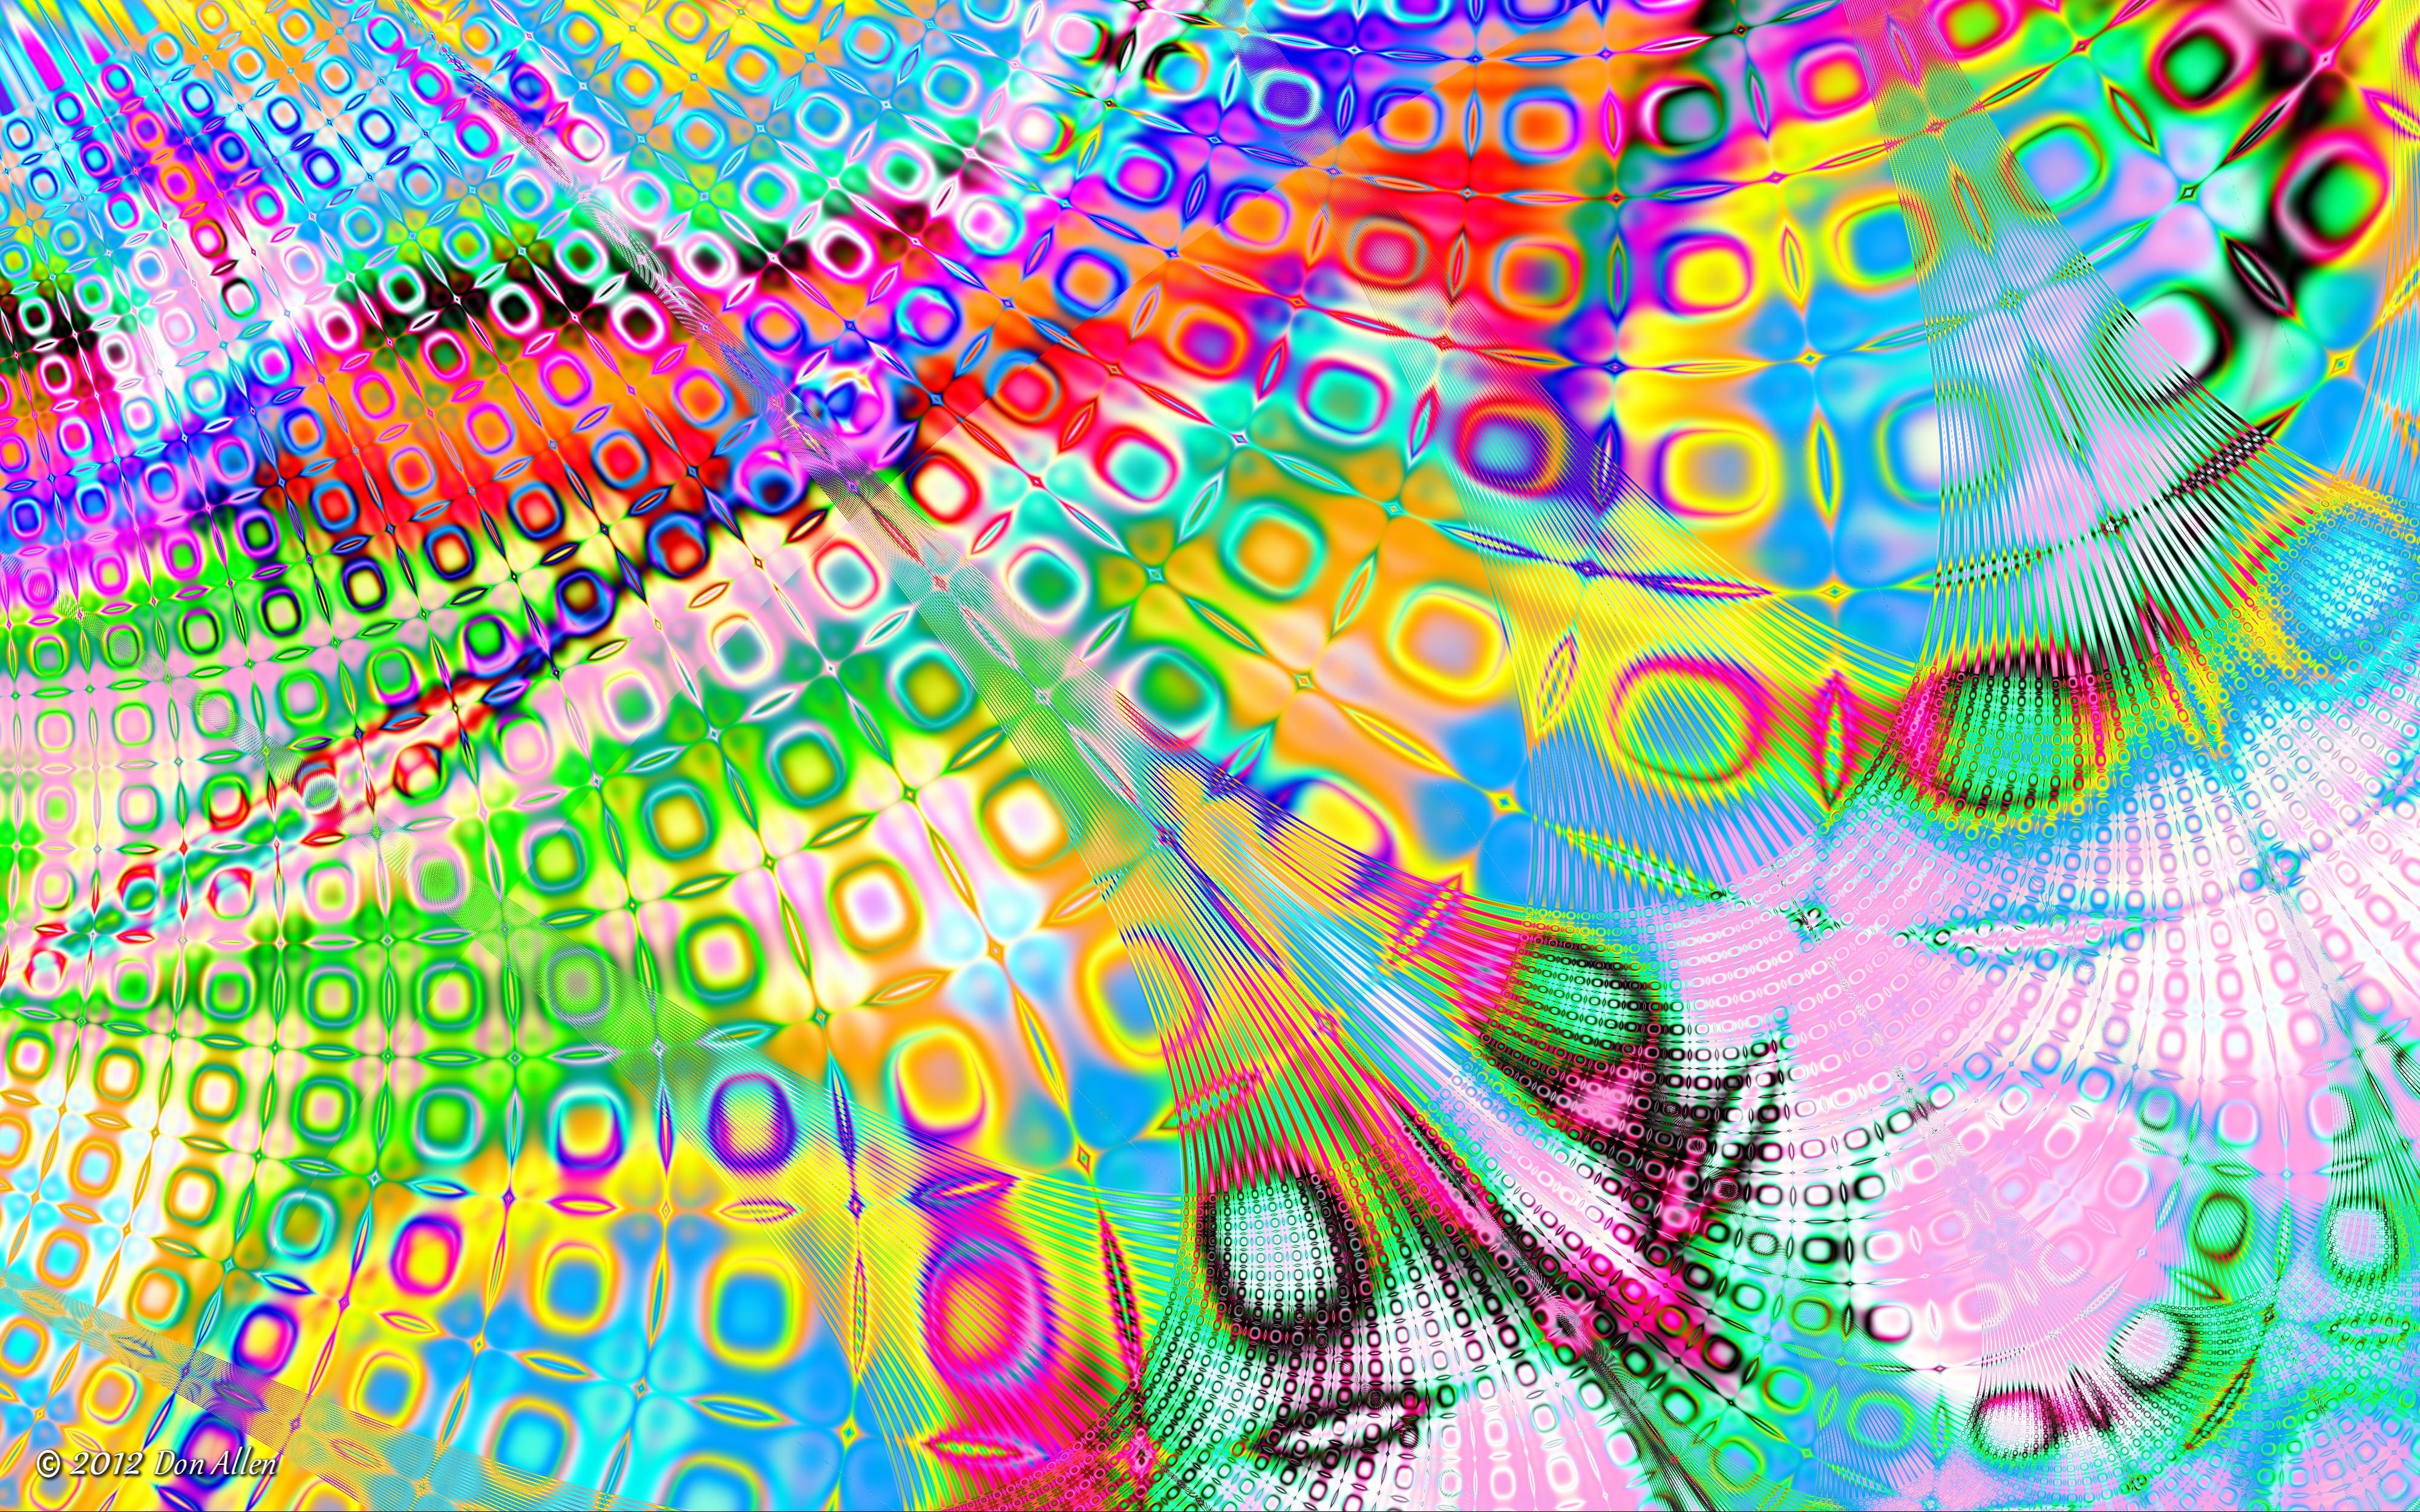 Bohemian Desktop Background Bohemian rhapsody by don64738 4000x2500